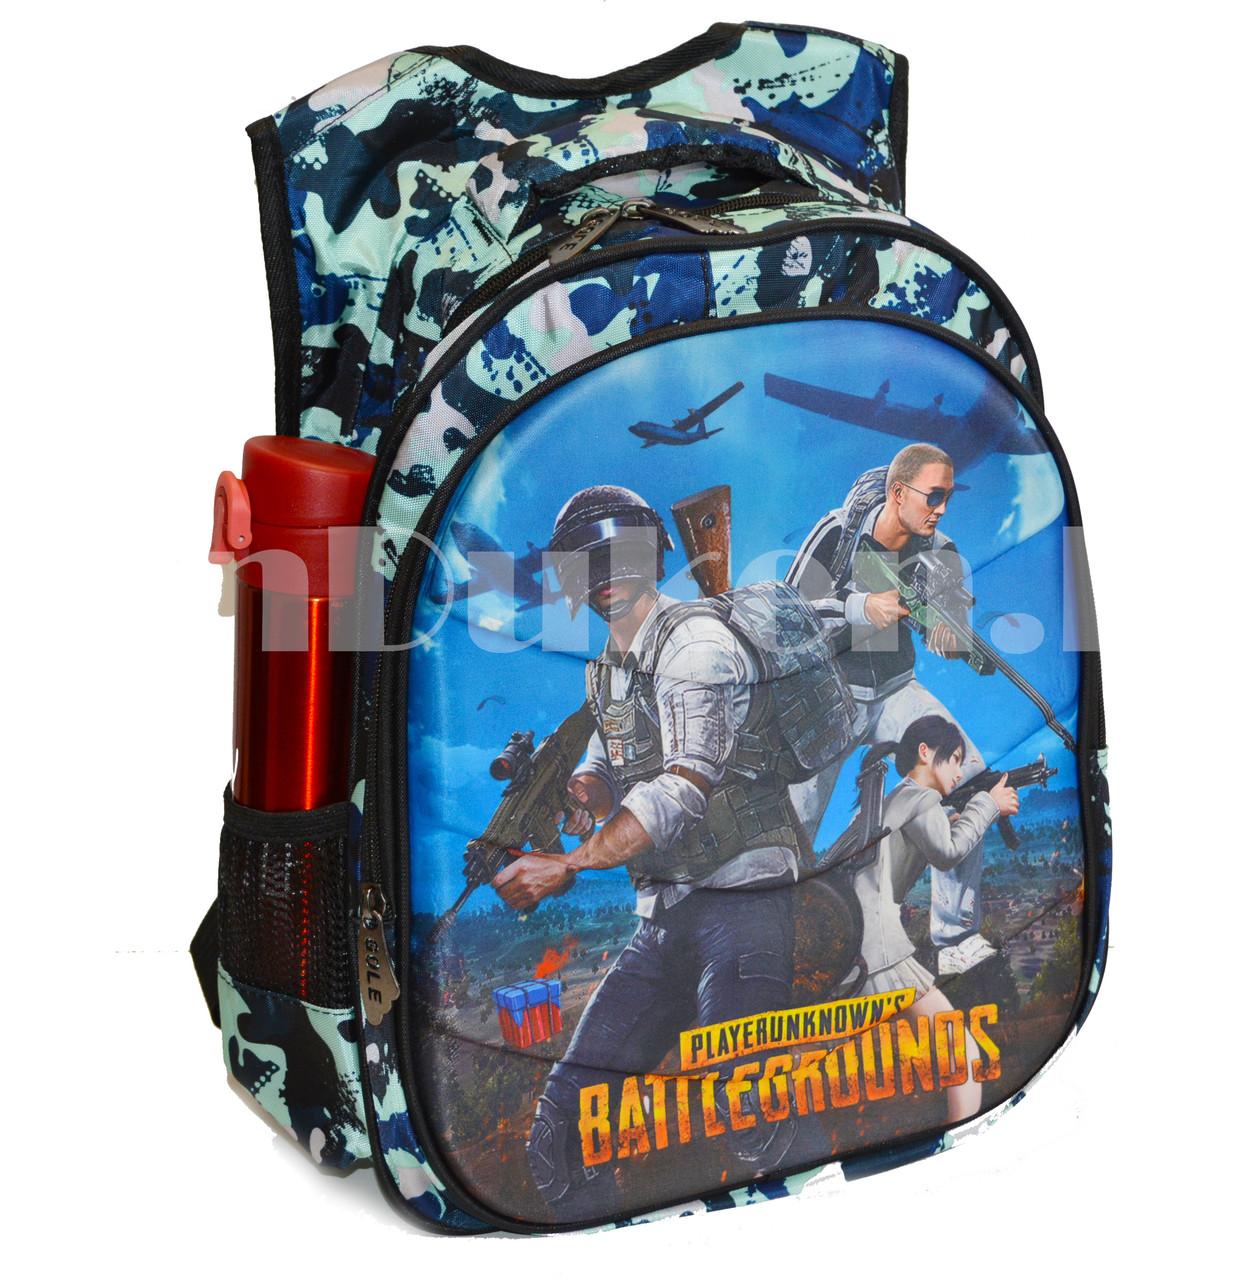 Рюкзак с ортопедической спинкой подростковый камуфляжный Battlegrounds 421 - фото 6